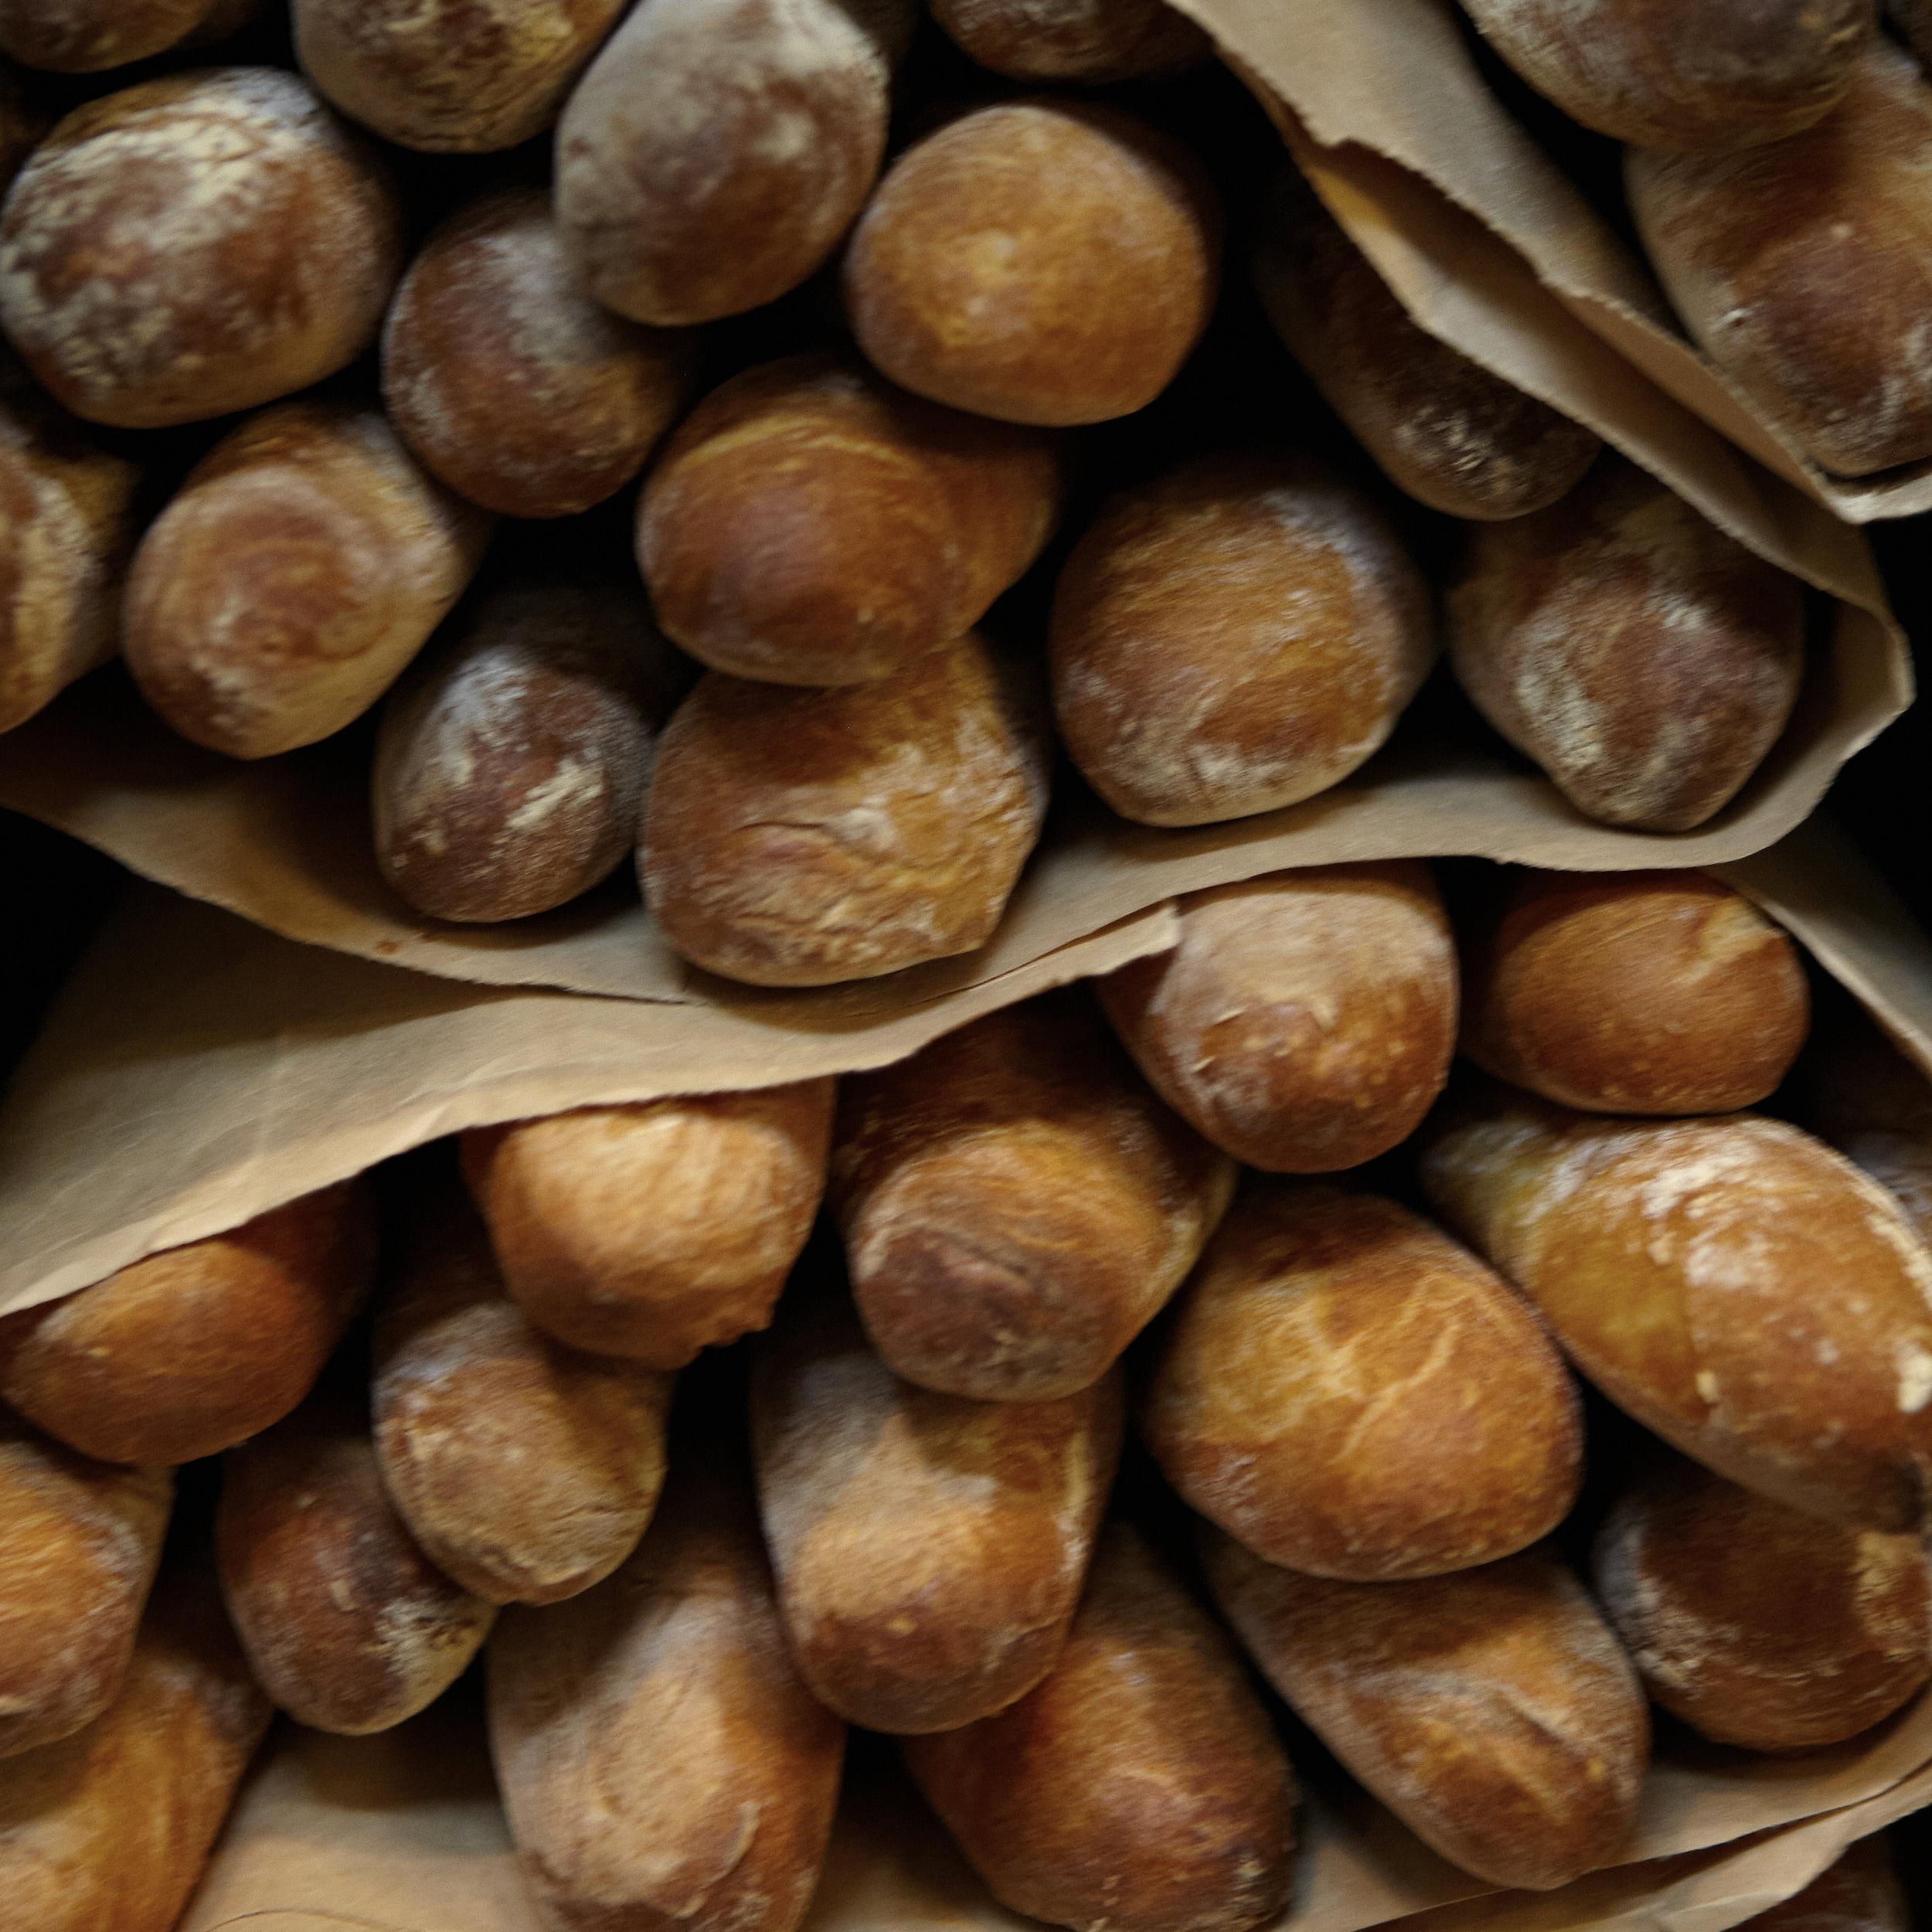 Acme Bread - AcmeBread.com